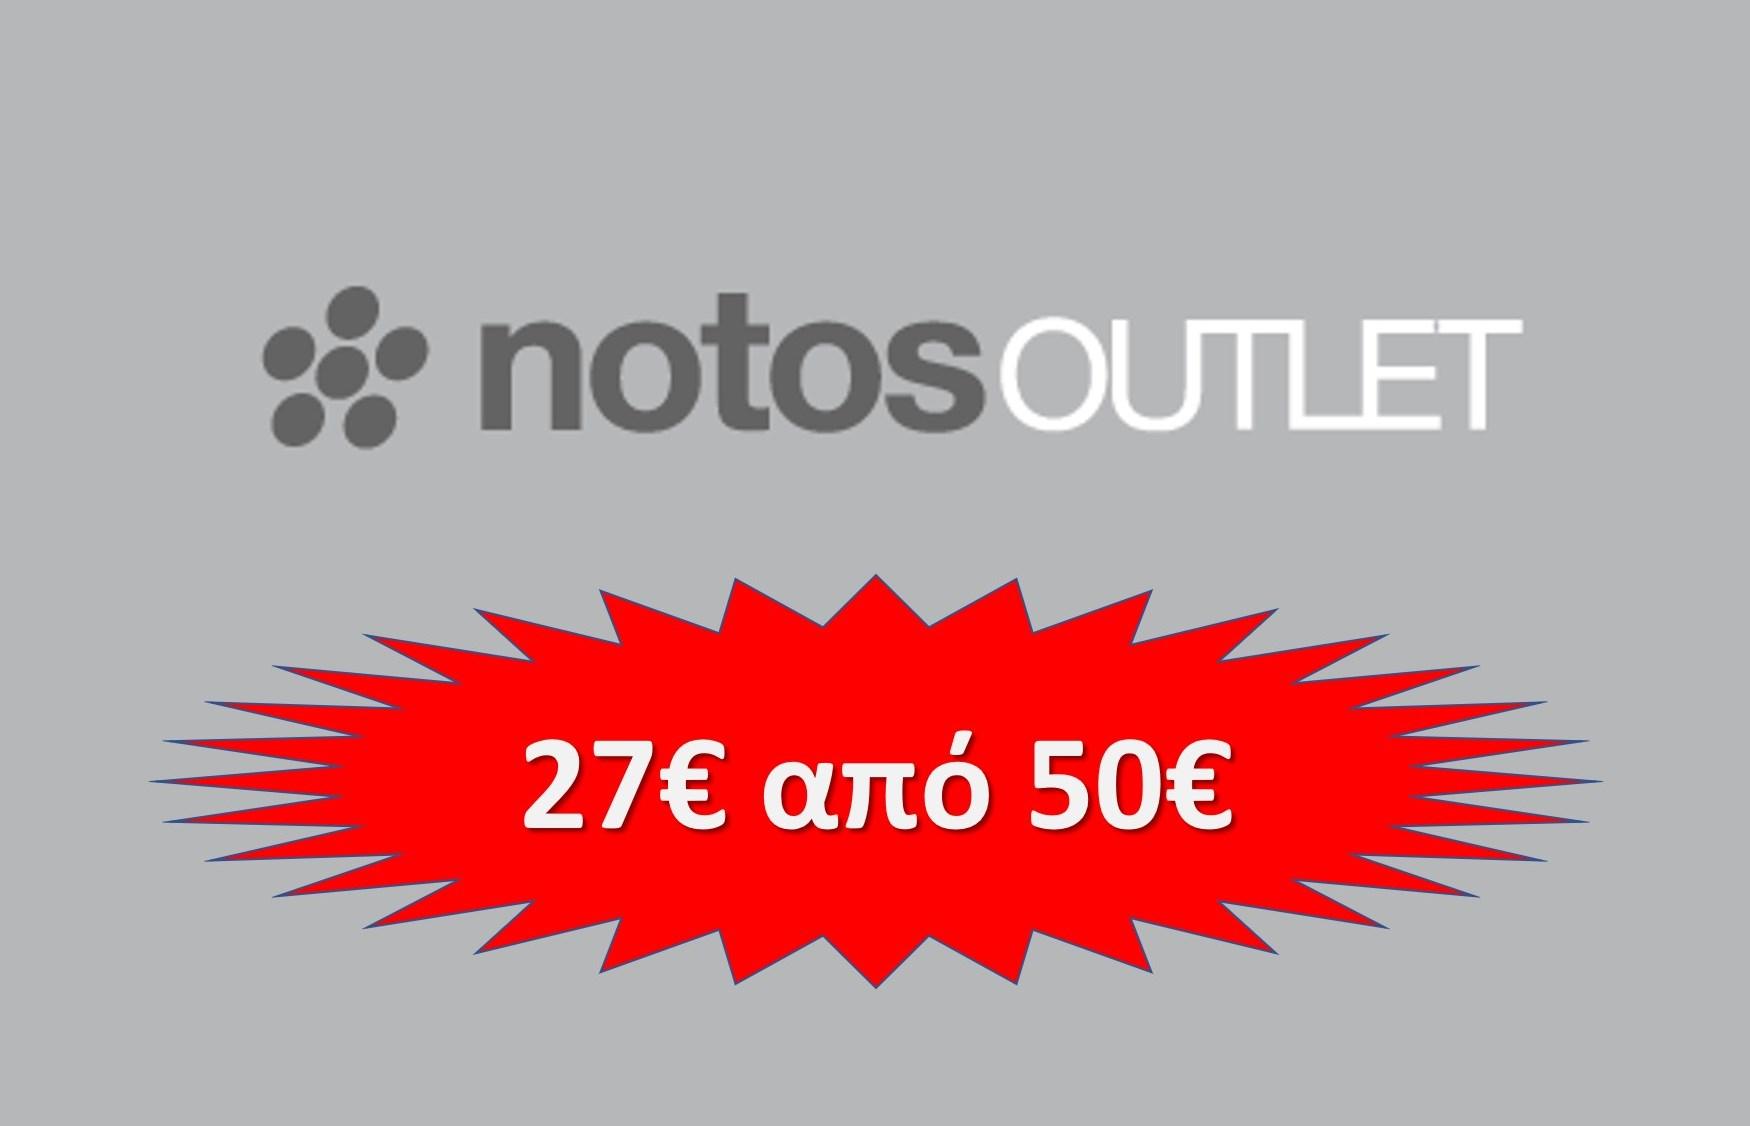 27€ από 50€ για αγορές σε επώνυμα είδη ένδυσης, υπόδησης, αξεσουάρ & ειδών σπιτιού, από το notosOUTLET στην Κηφισιά! Και μην ξεχνάτε! Στις αρχικές τιμές του notosOUTLET υπάρχει ήδη έκπτωση 50%!!! Άρα κερδίζετε επιπρόσθετη έκπτωση πάνω στην έκπτωση!!! εικόνα